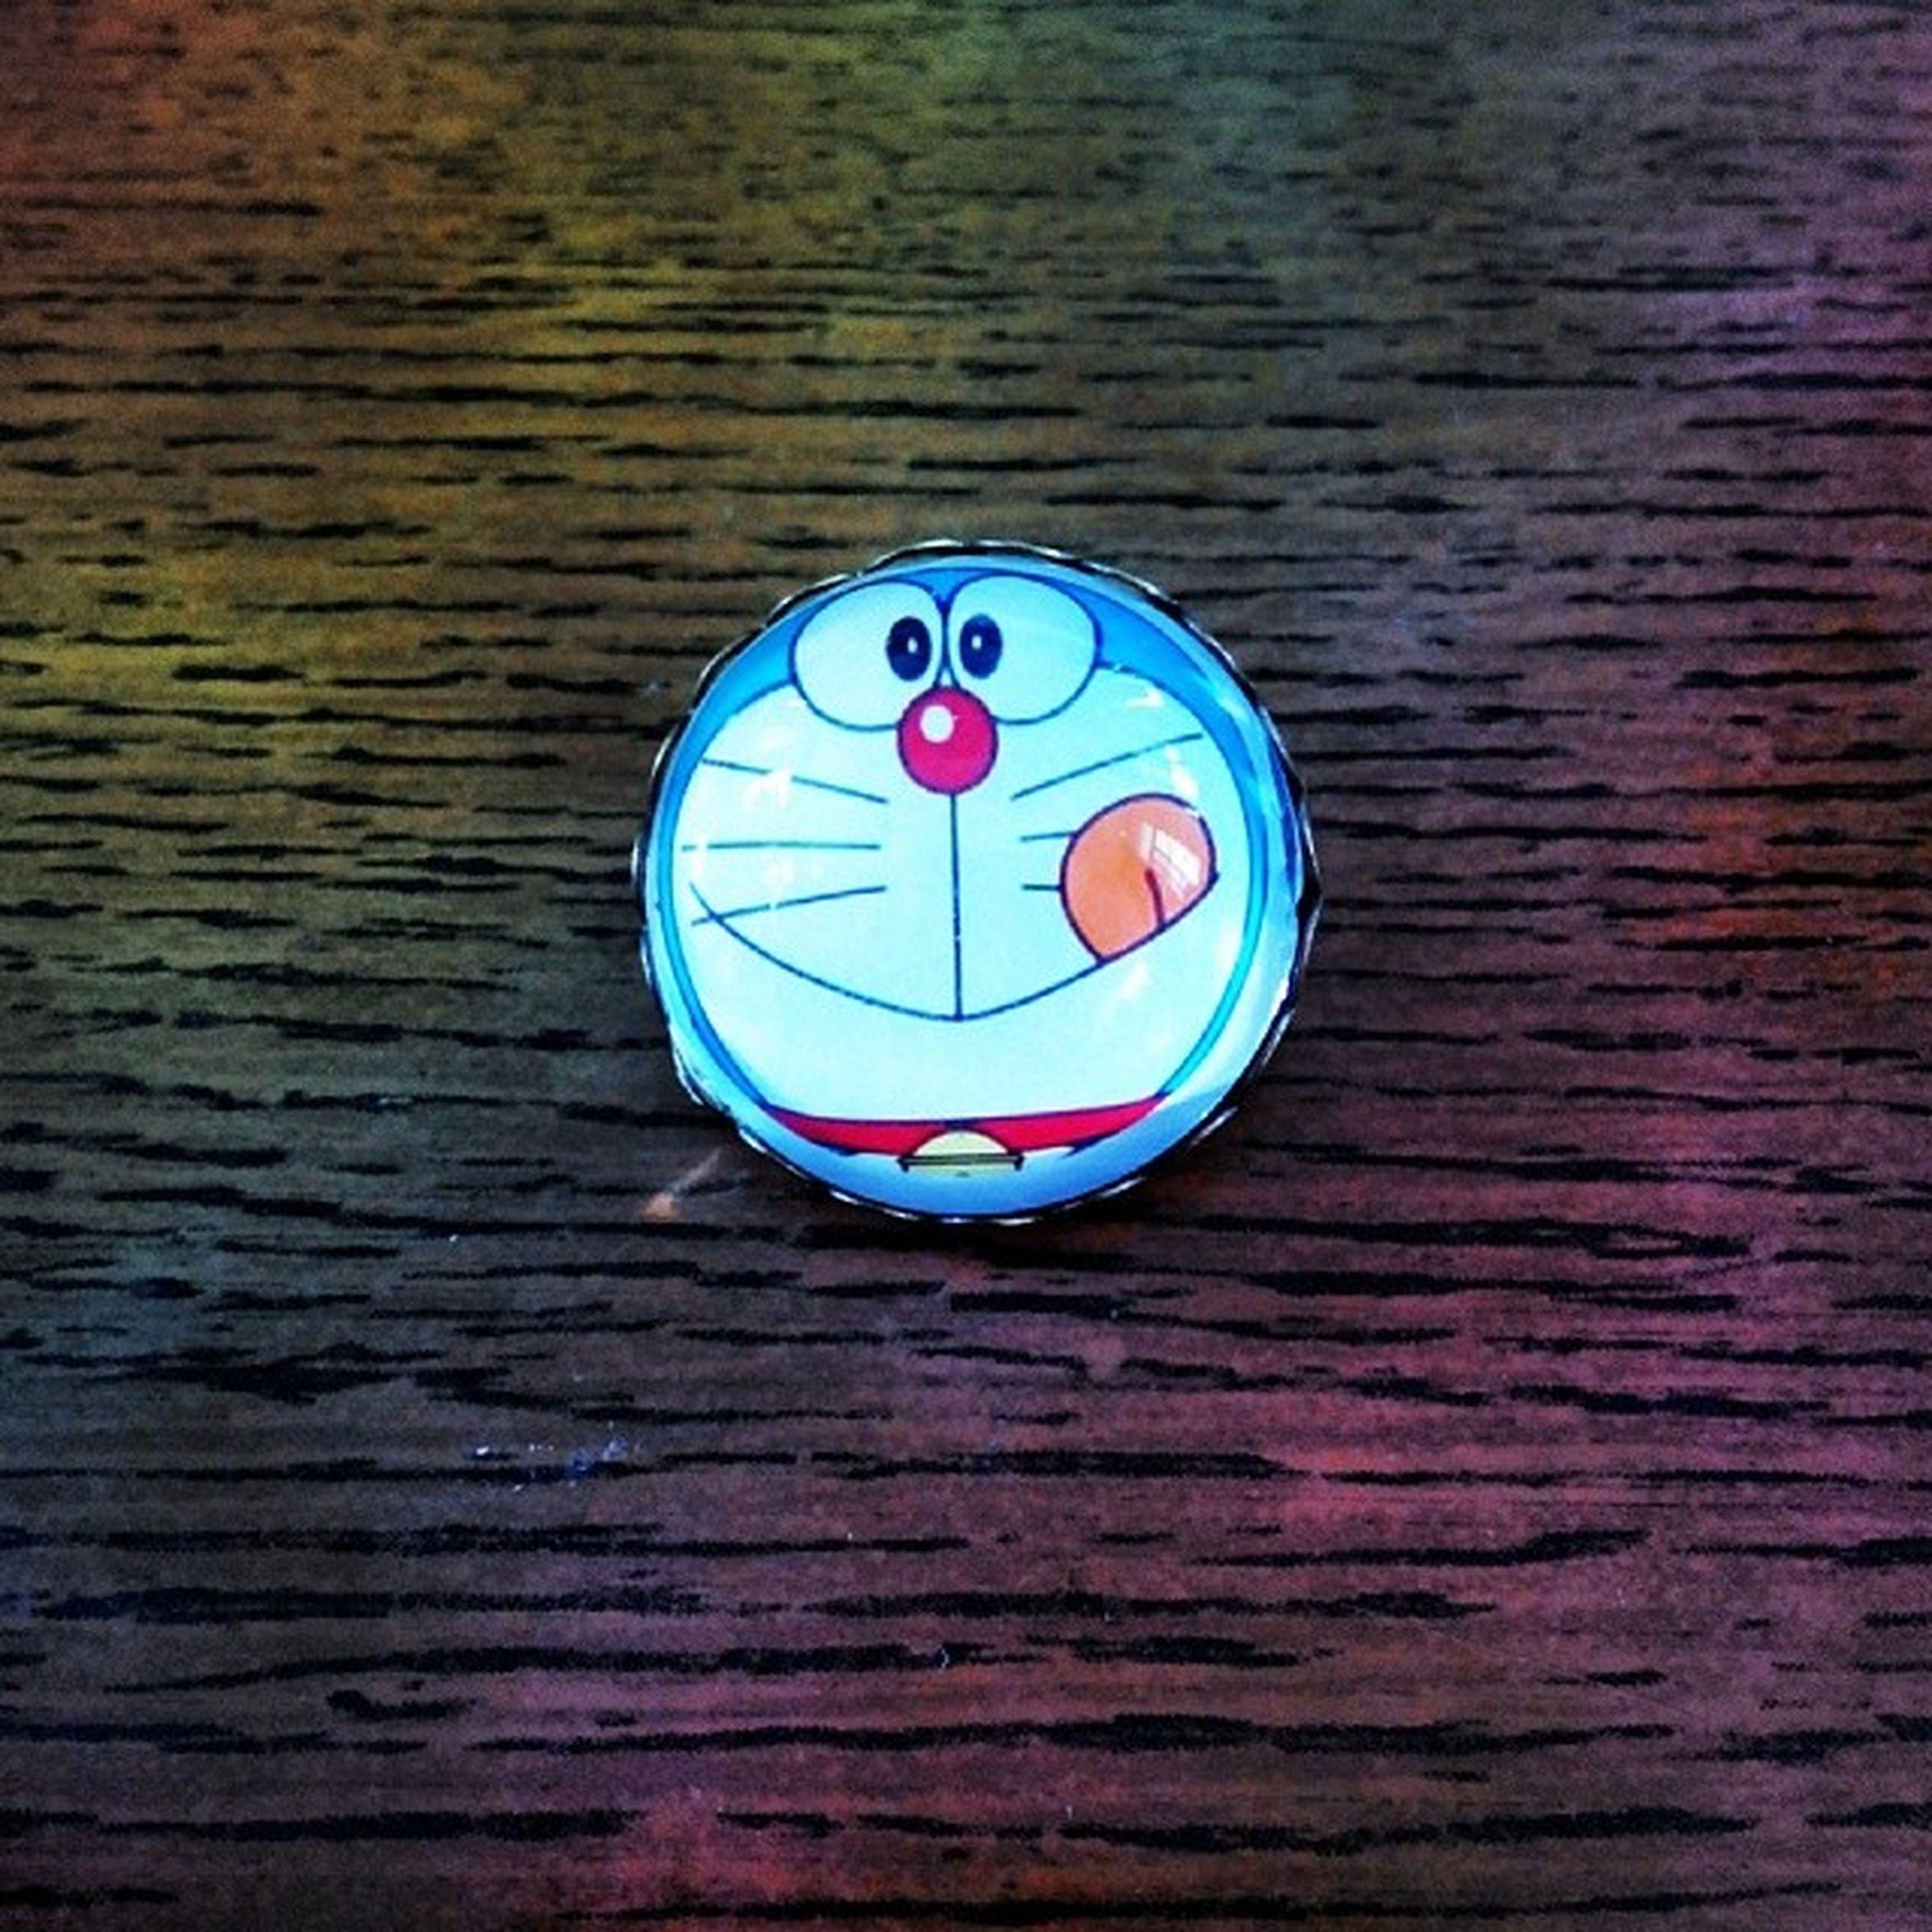 蓝胖子。 Doraemon 哆啦A梦 小叮当 机器猫 ドラえもん